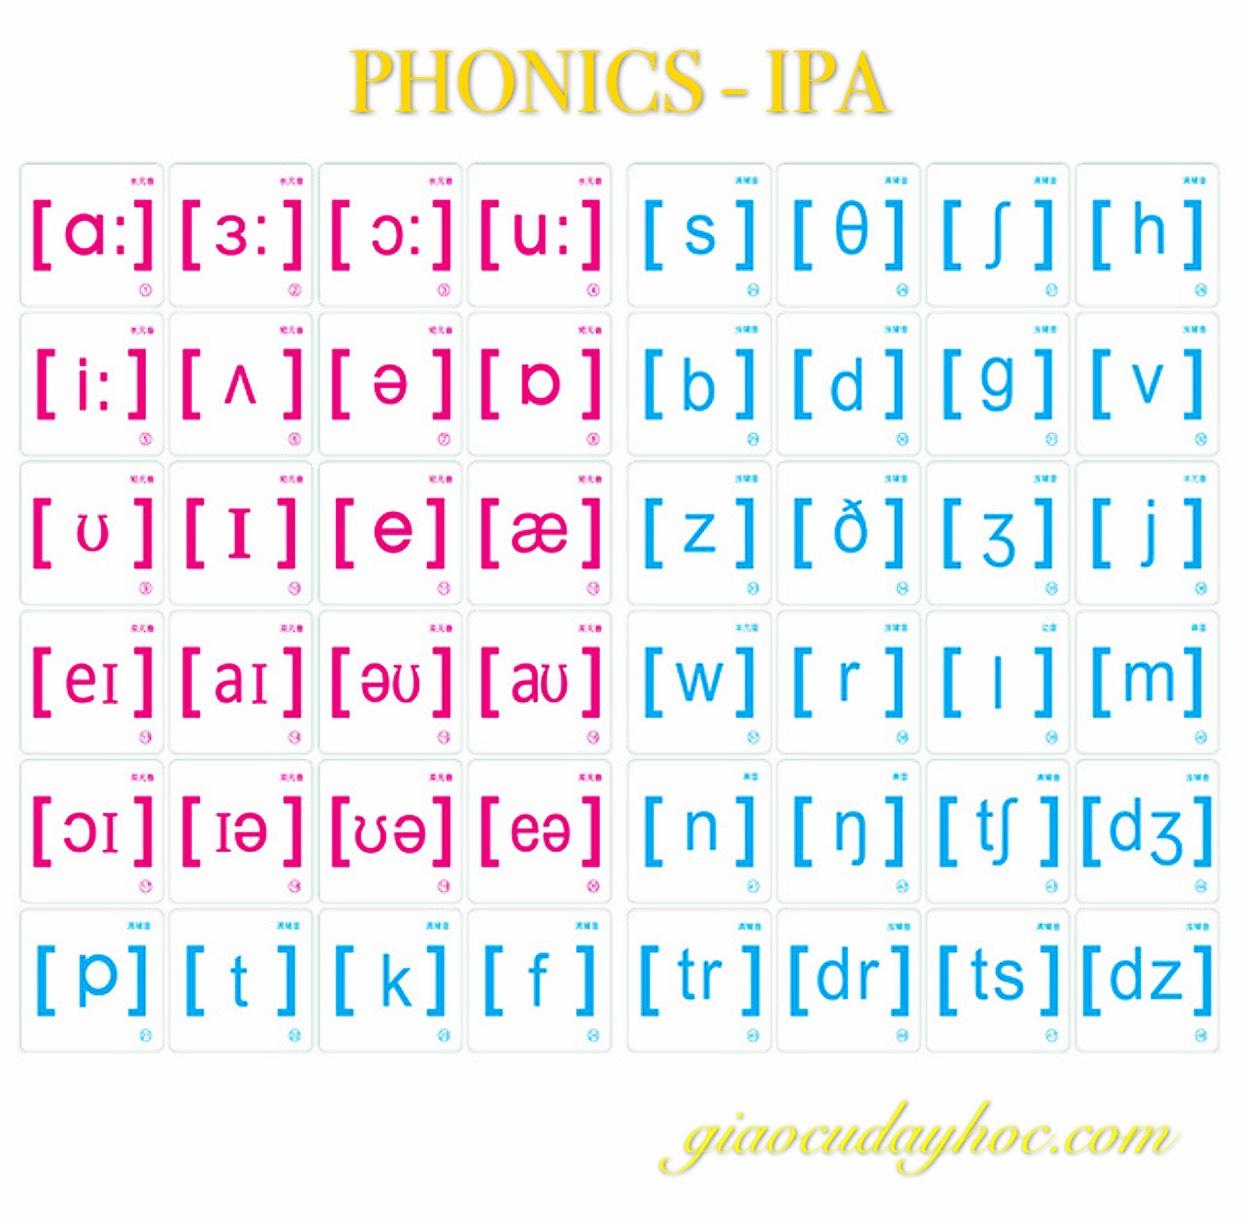 BỘ NAM CHÂM PHONICS